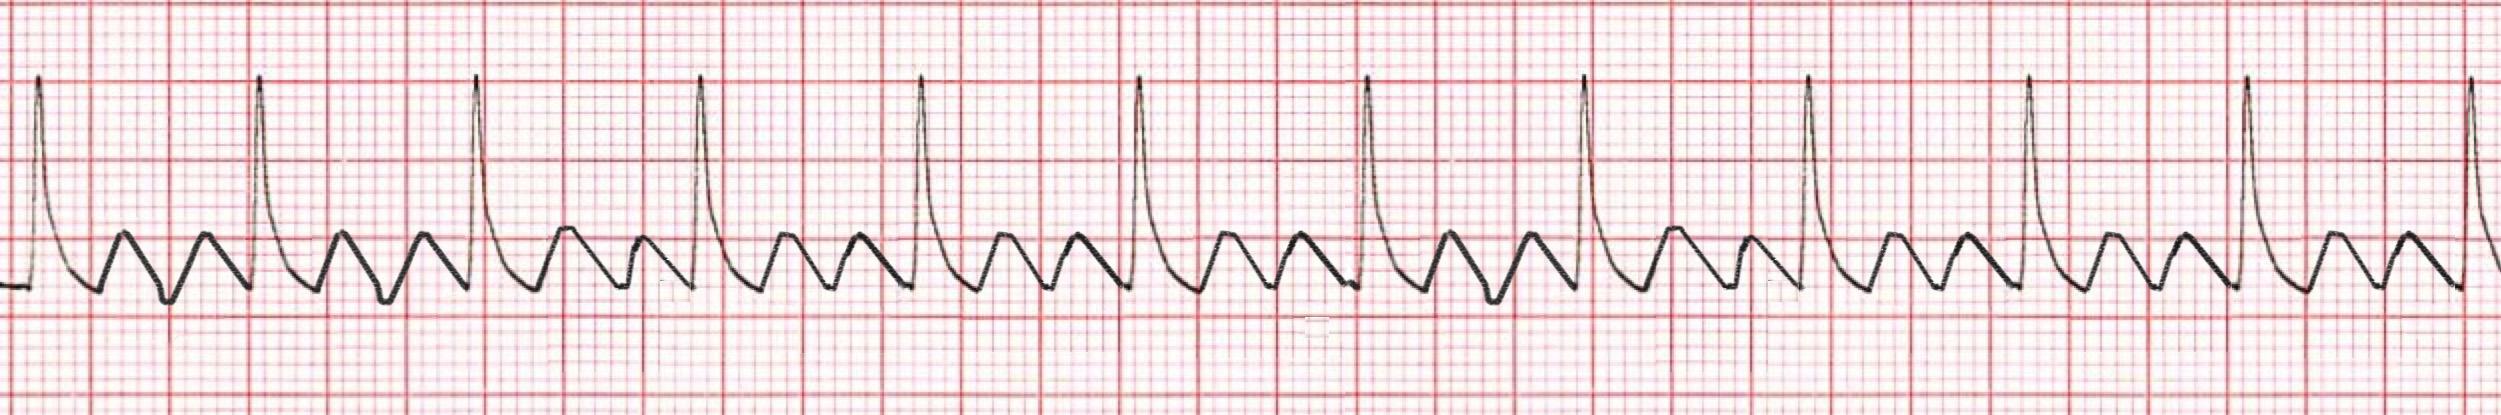 Atrial Flutter ECG/EKG